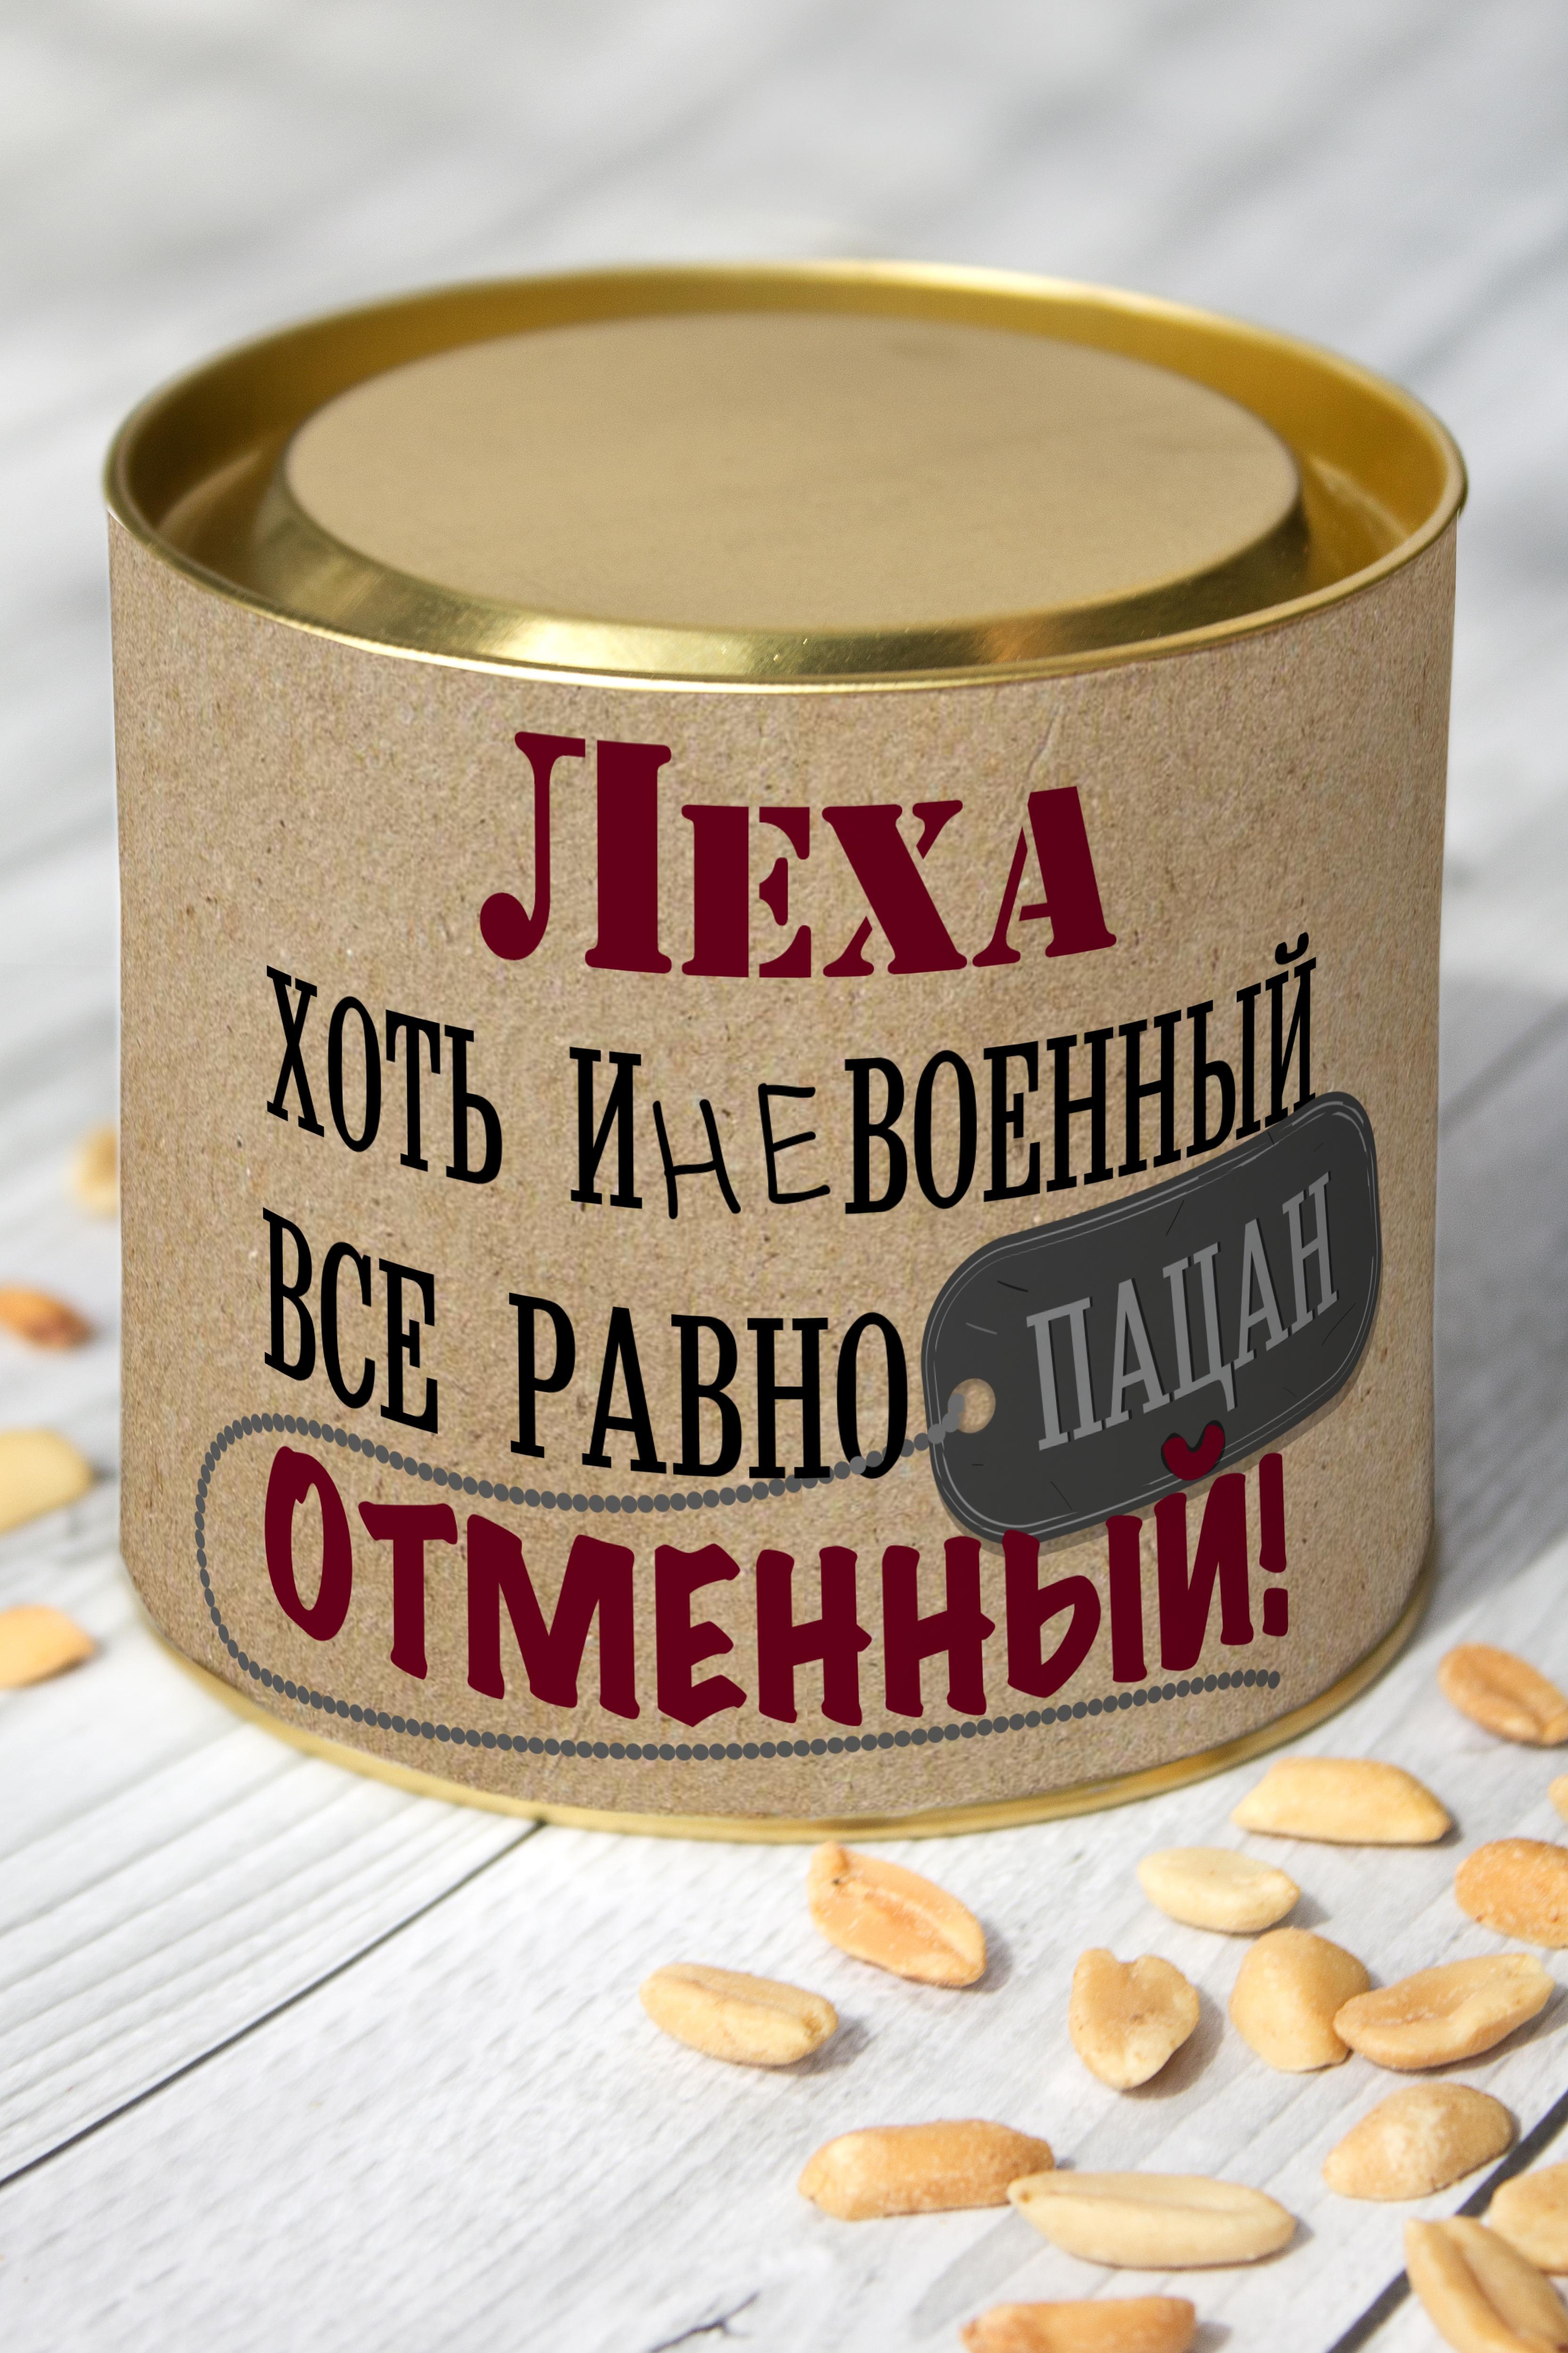 Арахис именной ОтменныйСувениры и упаковка<br>Арахис жареный соленый, 150гр. в красивой упаковке с Вашим именем<br>